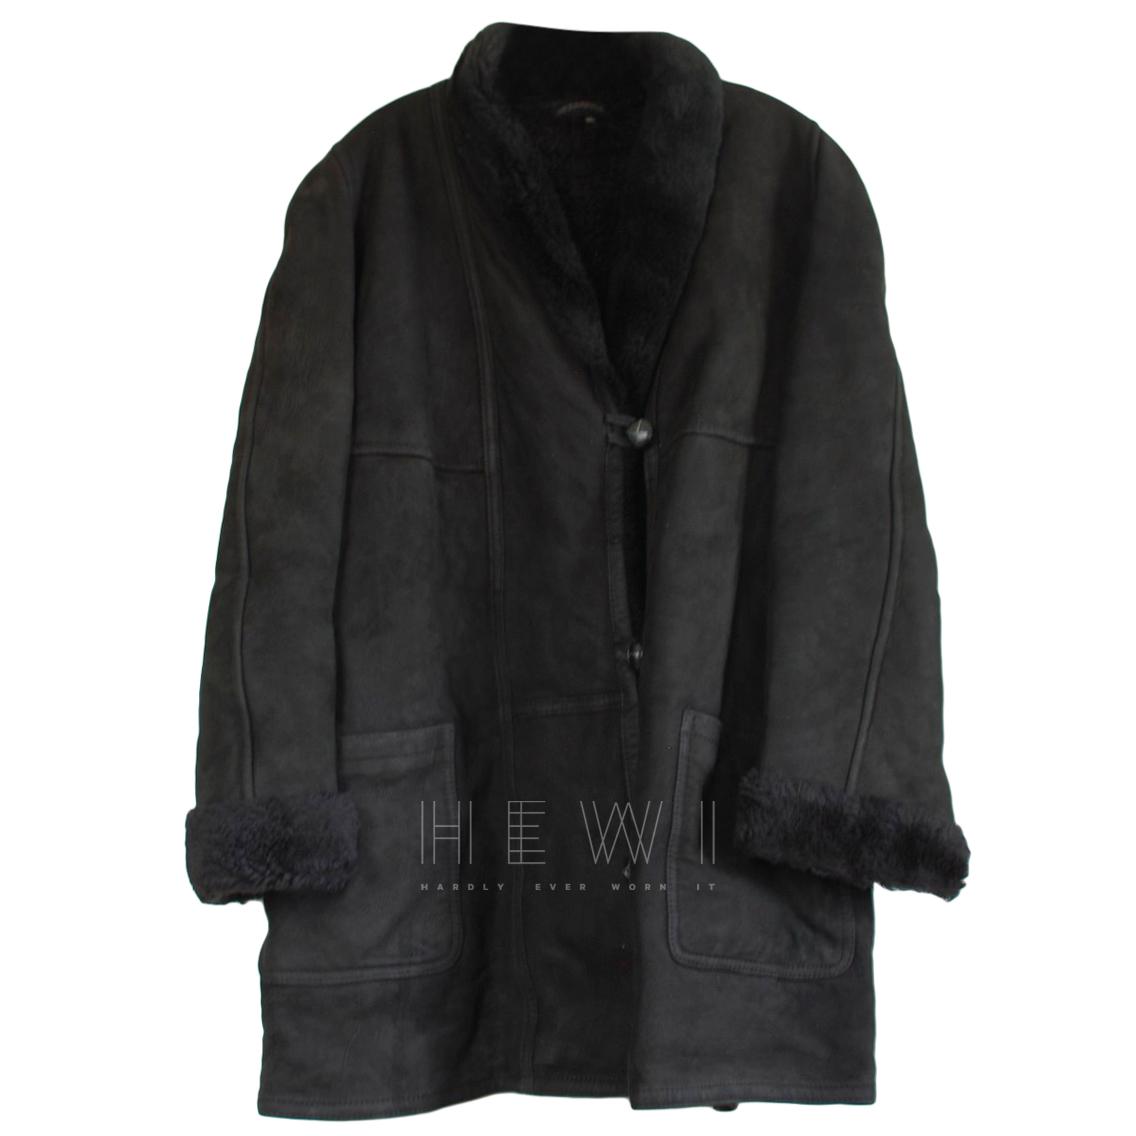 Oscar De La Renta Black Shearling Jacket